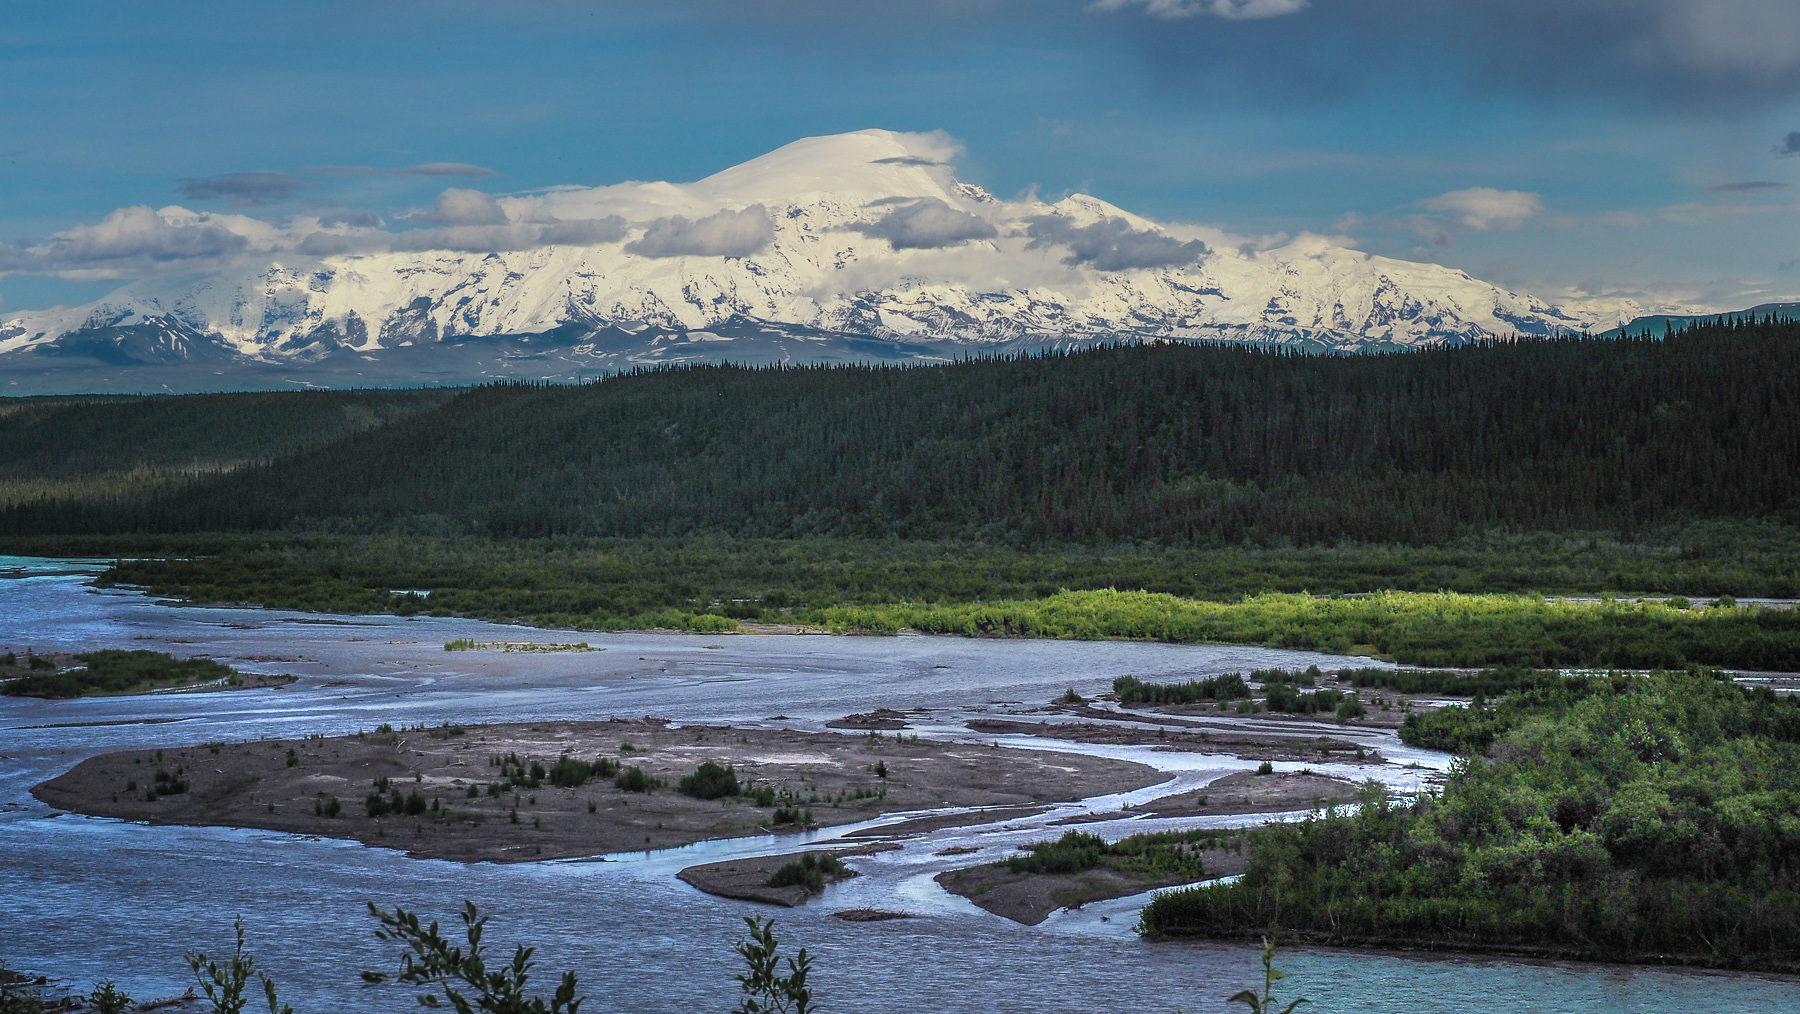 typische Landschaft in Alaska